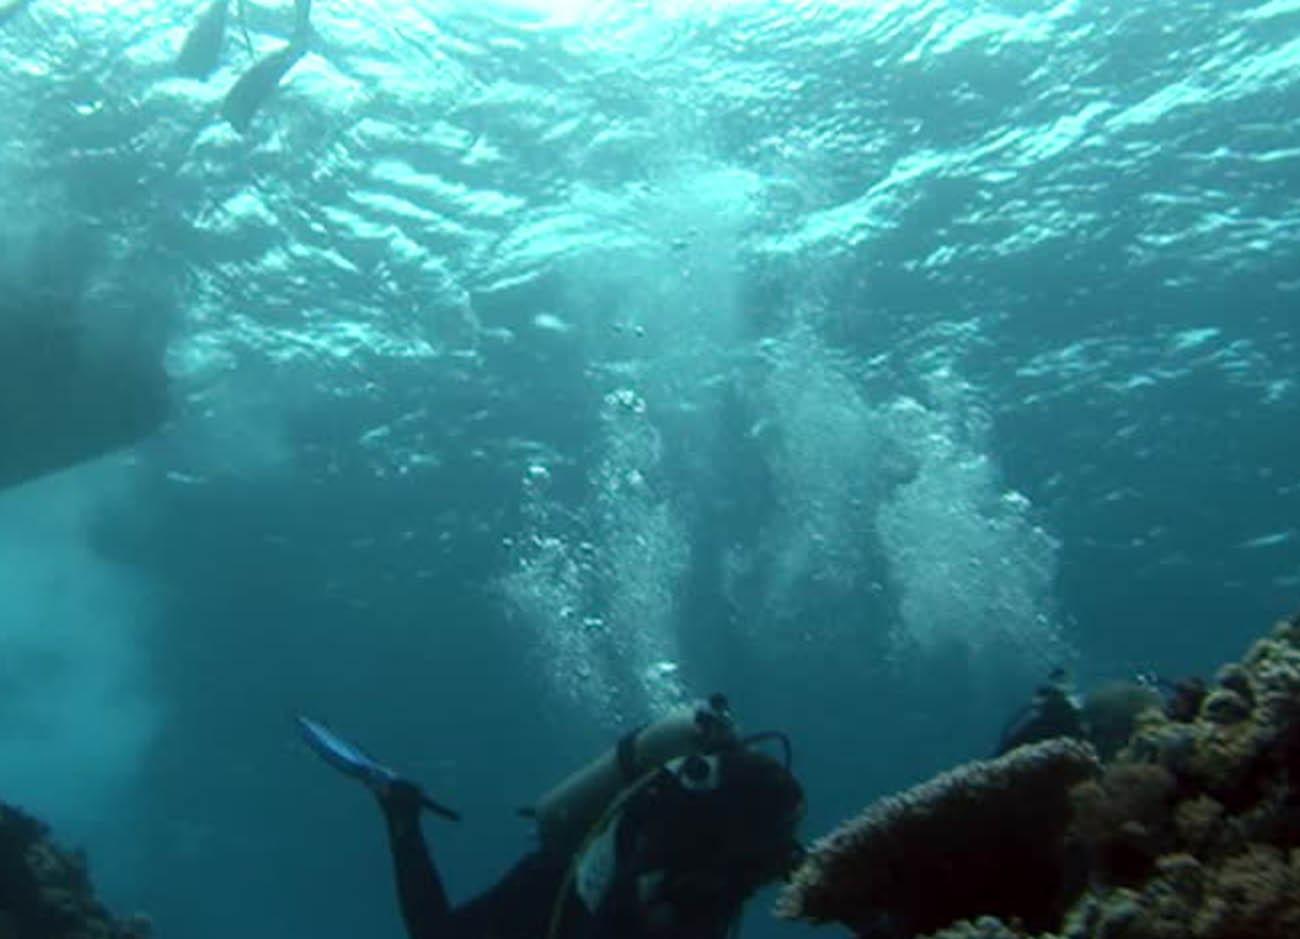 Jogchumskunst - Jogchum Veenstra kunst - Onderwater wereld 2014 inspiratie foto 1